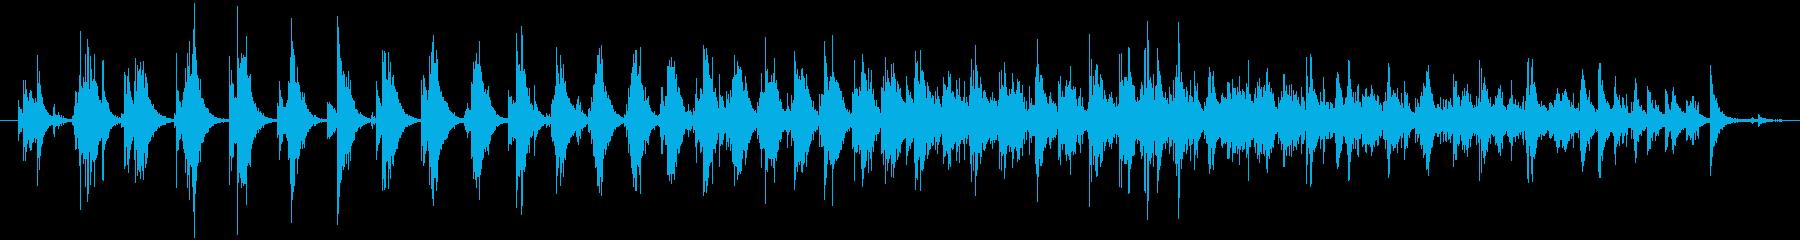 小学校の小学生:教室:拍手、拍手、...の再生済みの波形